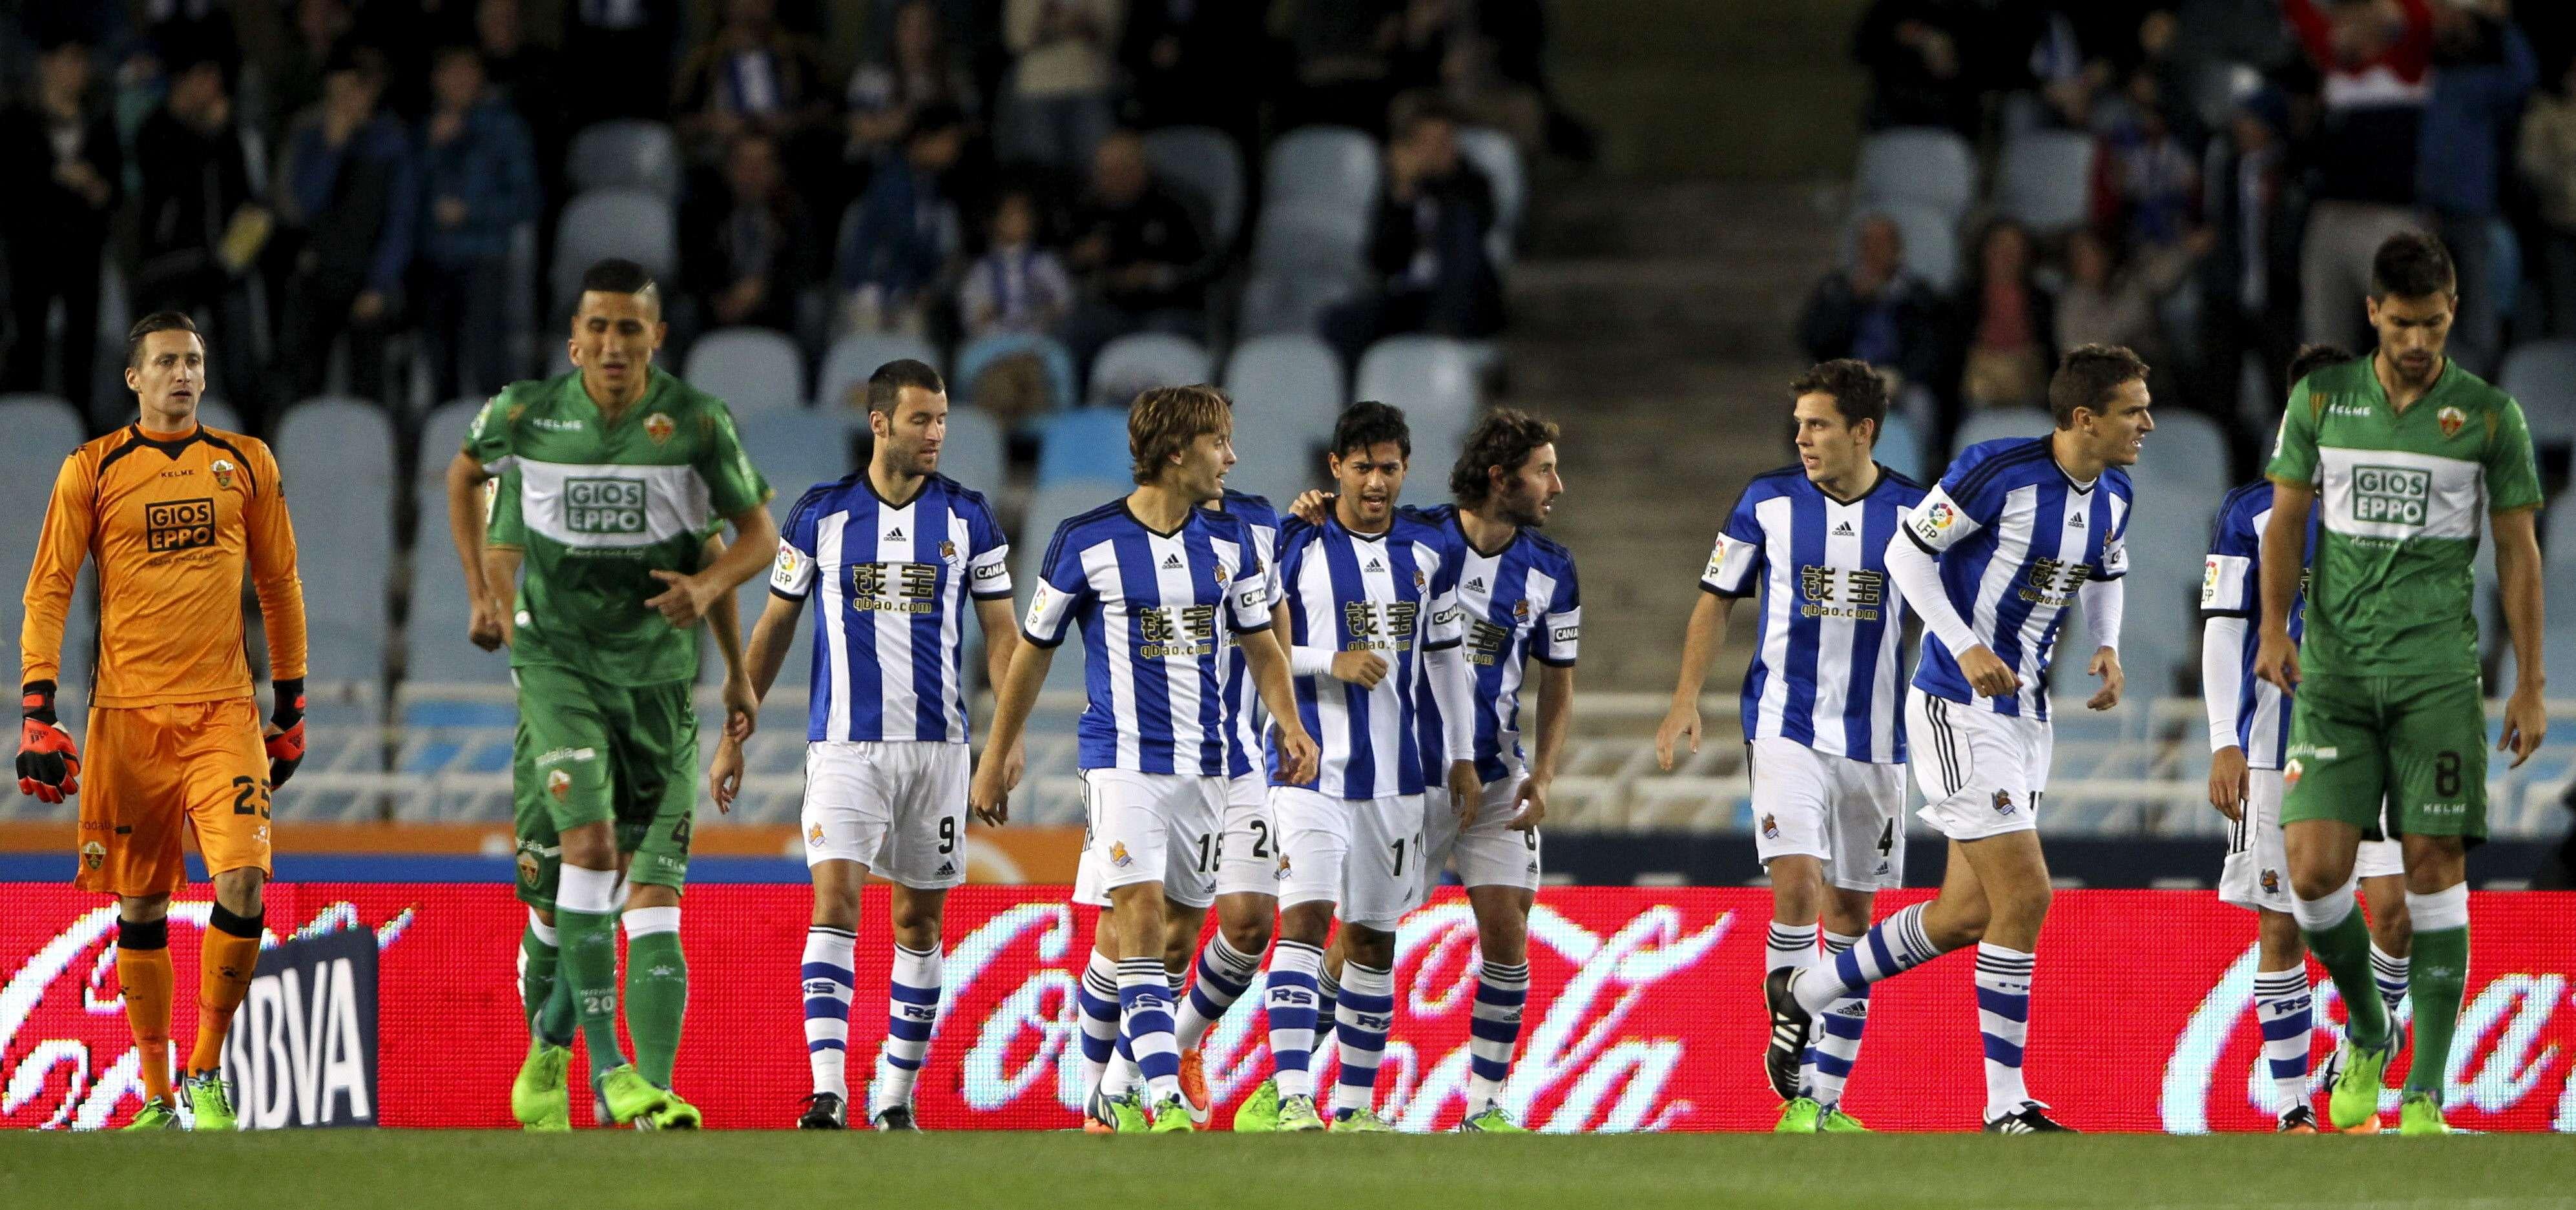 Carlos Vela tuvo una noche de lujo con tres goles ante el Elche. Foto: EFE